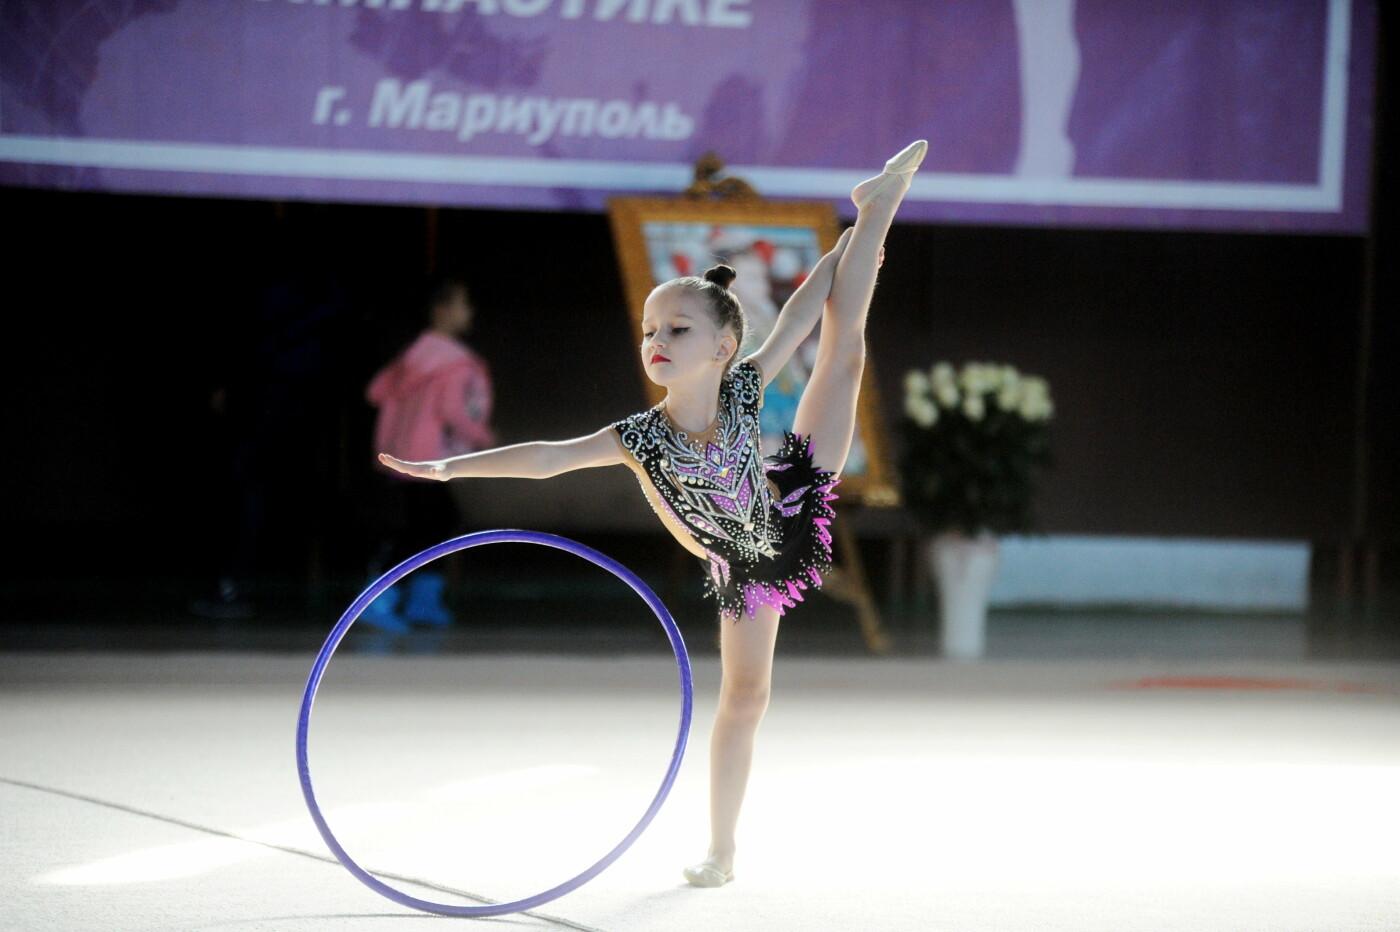 Мариупольцев приглашают на 9-й турнир по художественной гимнастике «Елизавета», фото-58